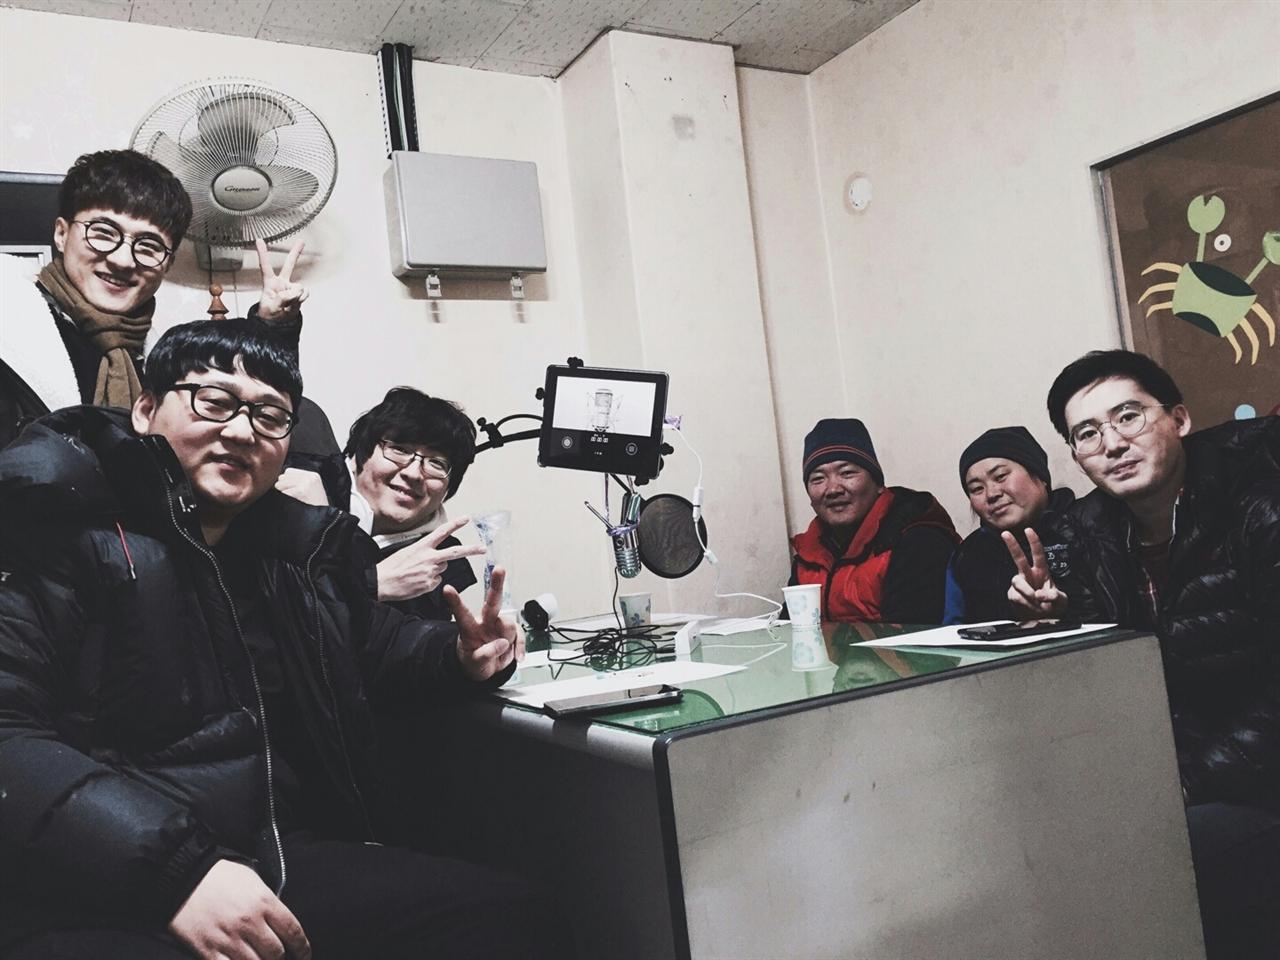 창업몬 팟캐스트 창업몬 5화 2부 녹음을 하기 위해 멤버들과 게스트가 한자리에 모였다